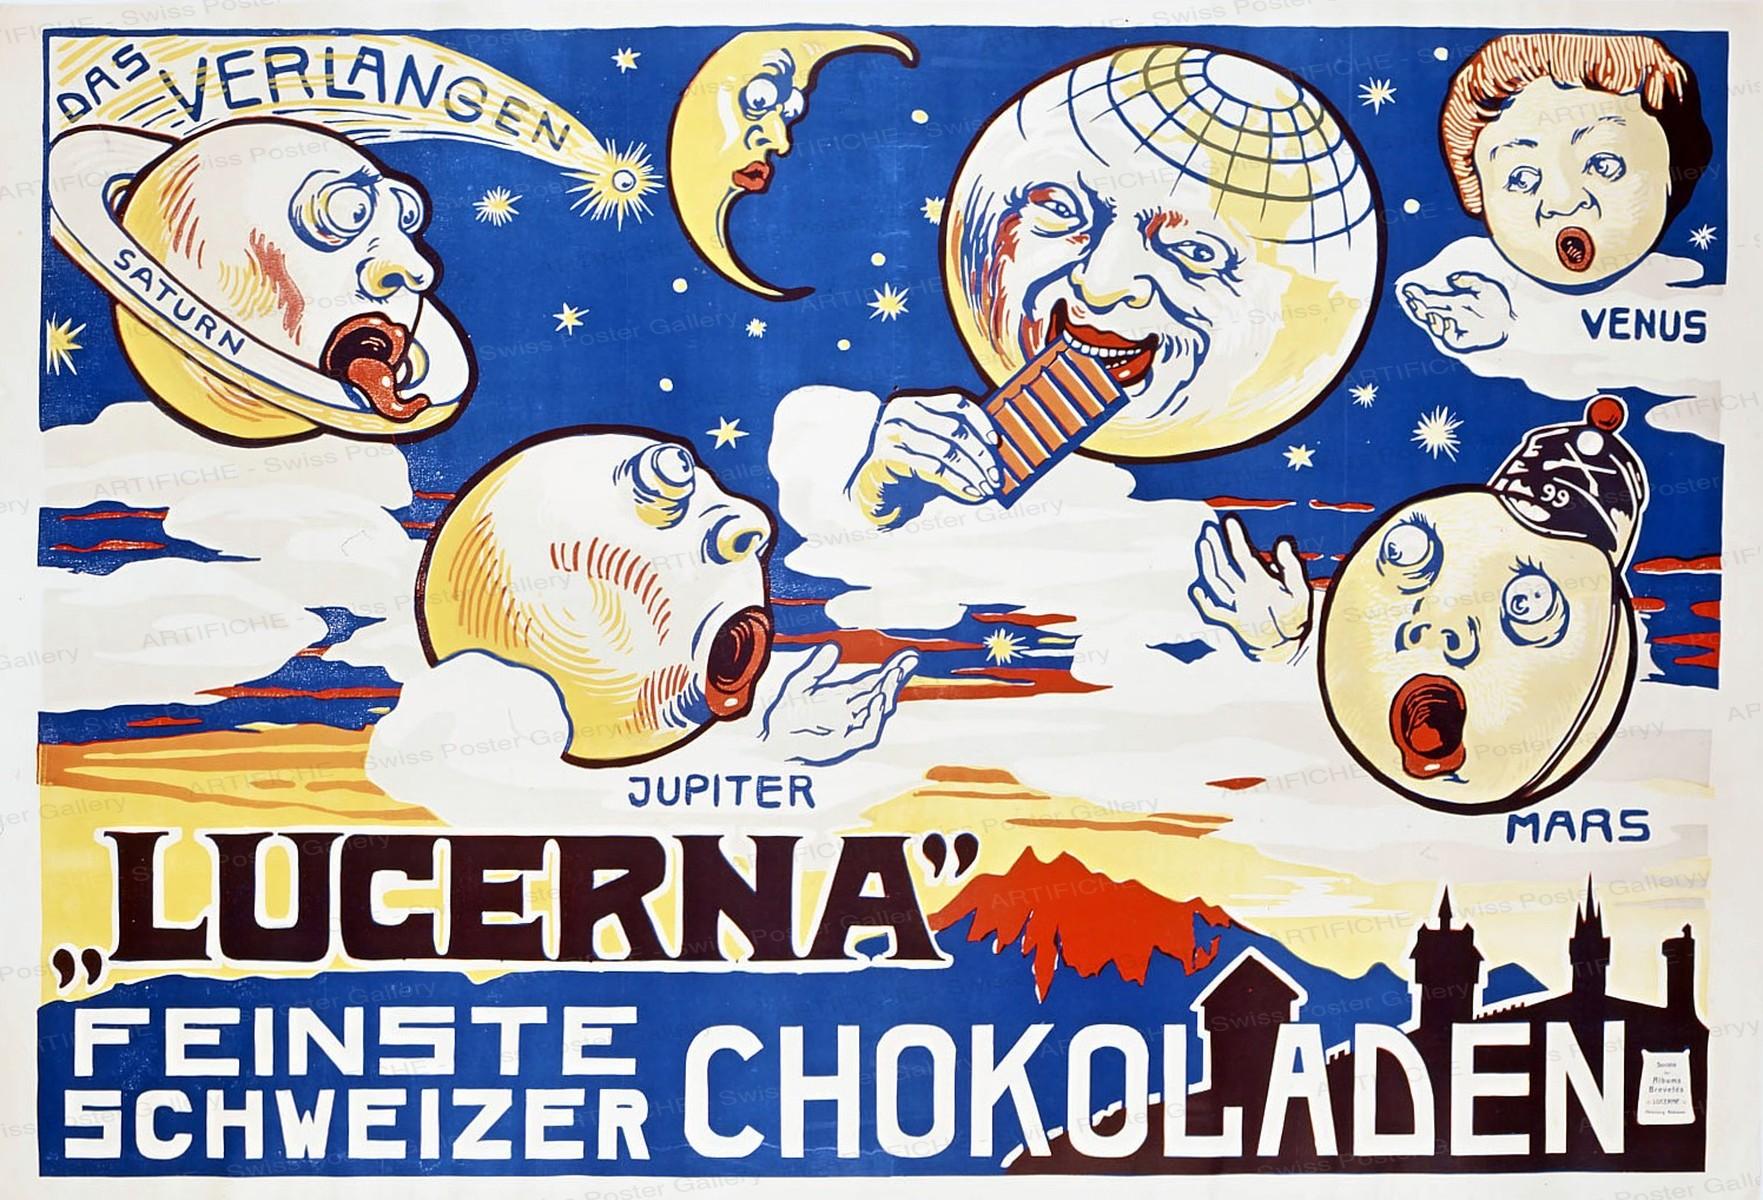 Lucerna – Feinste Schweizer Chokoladen, Artist unknown